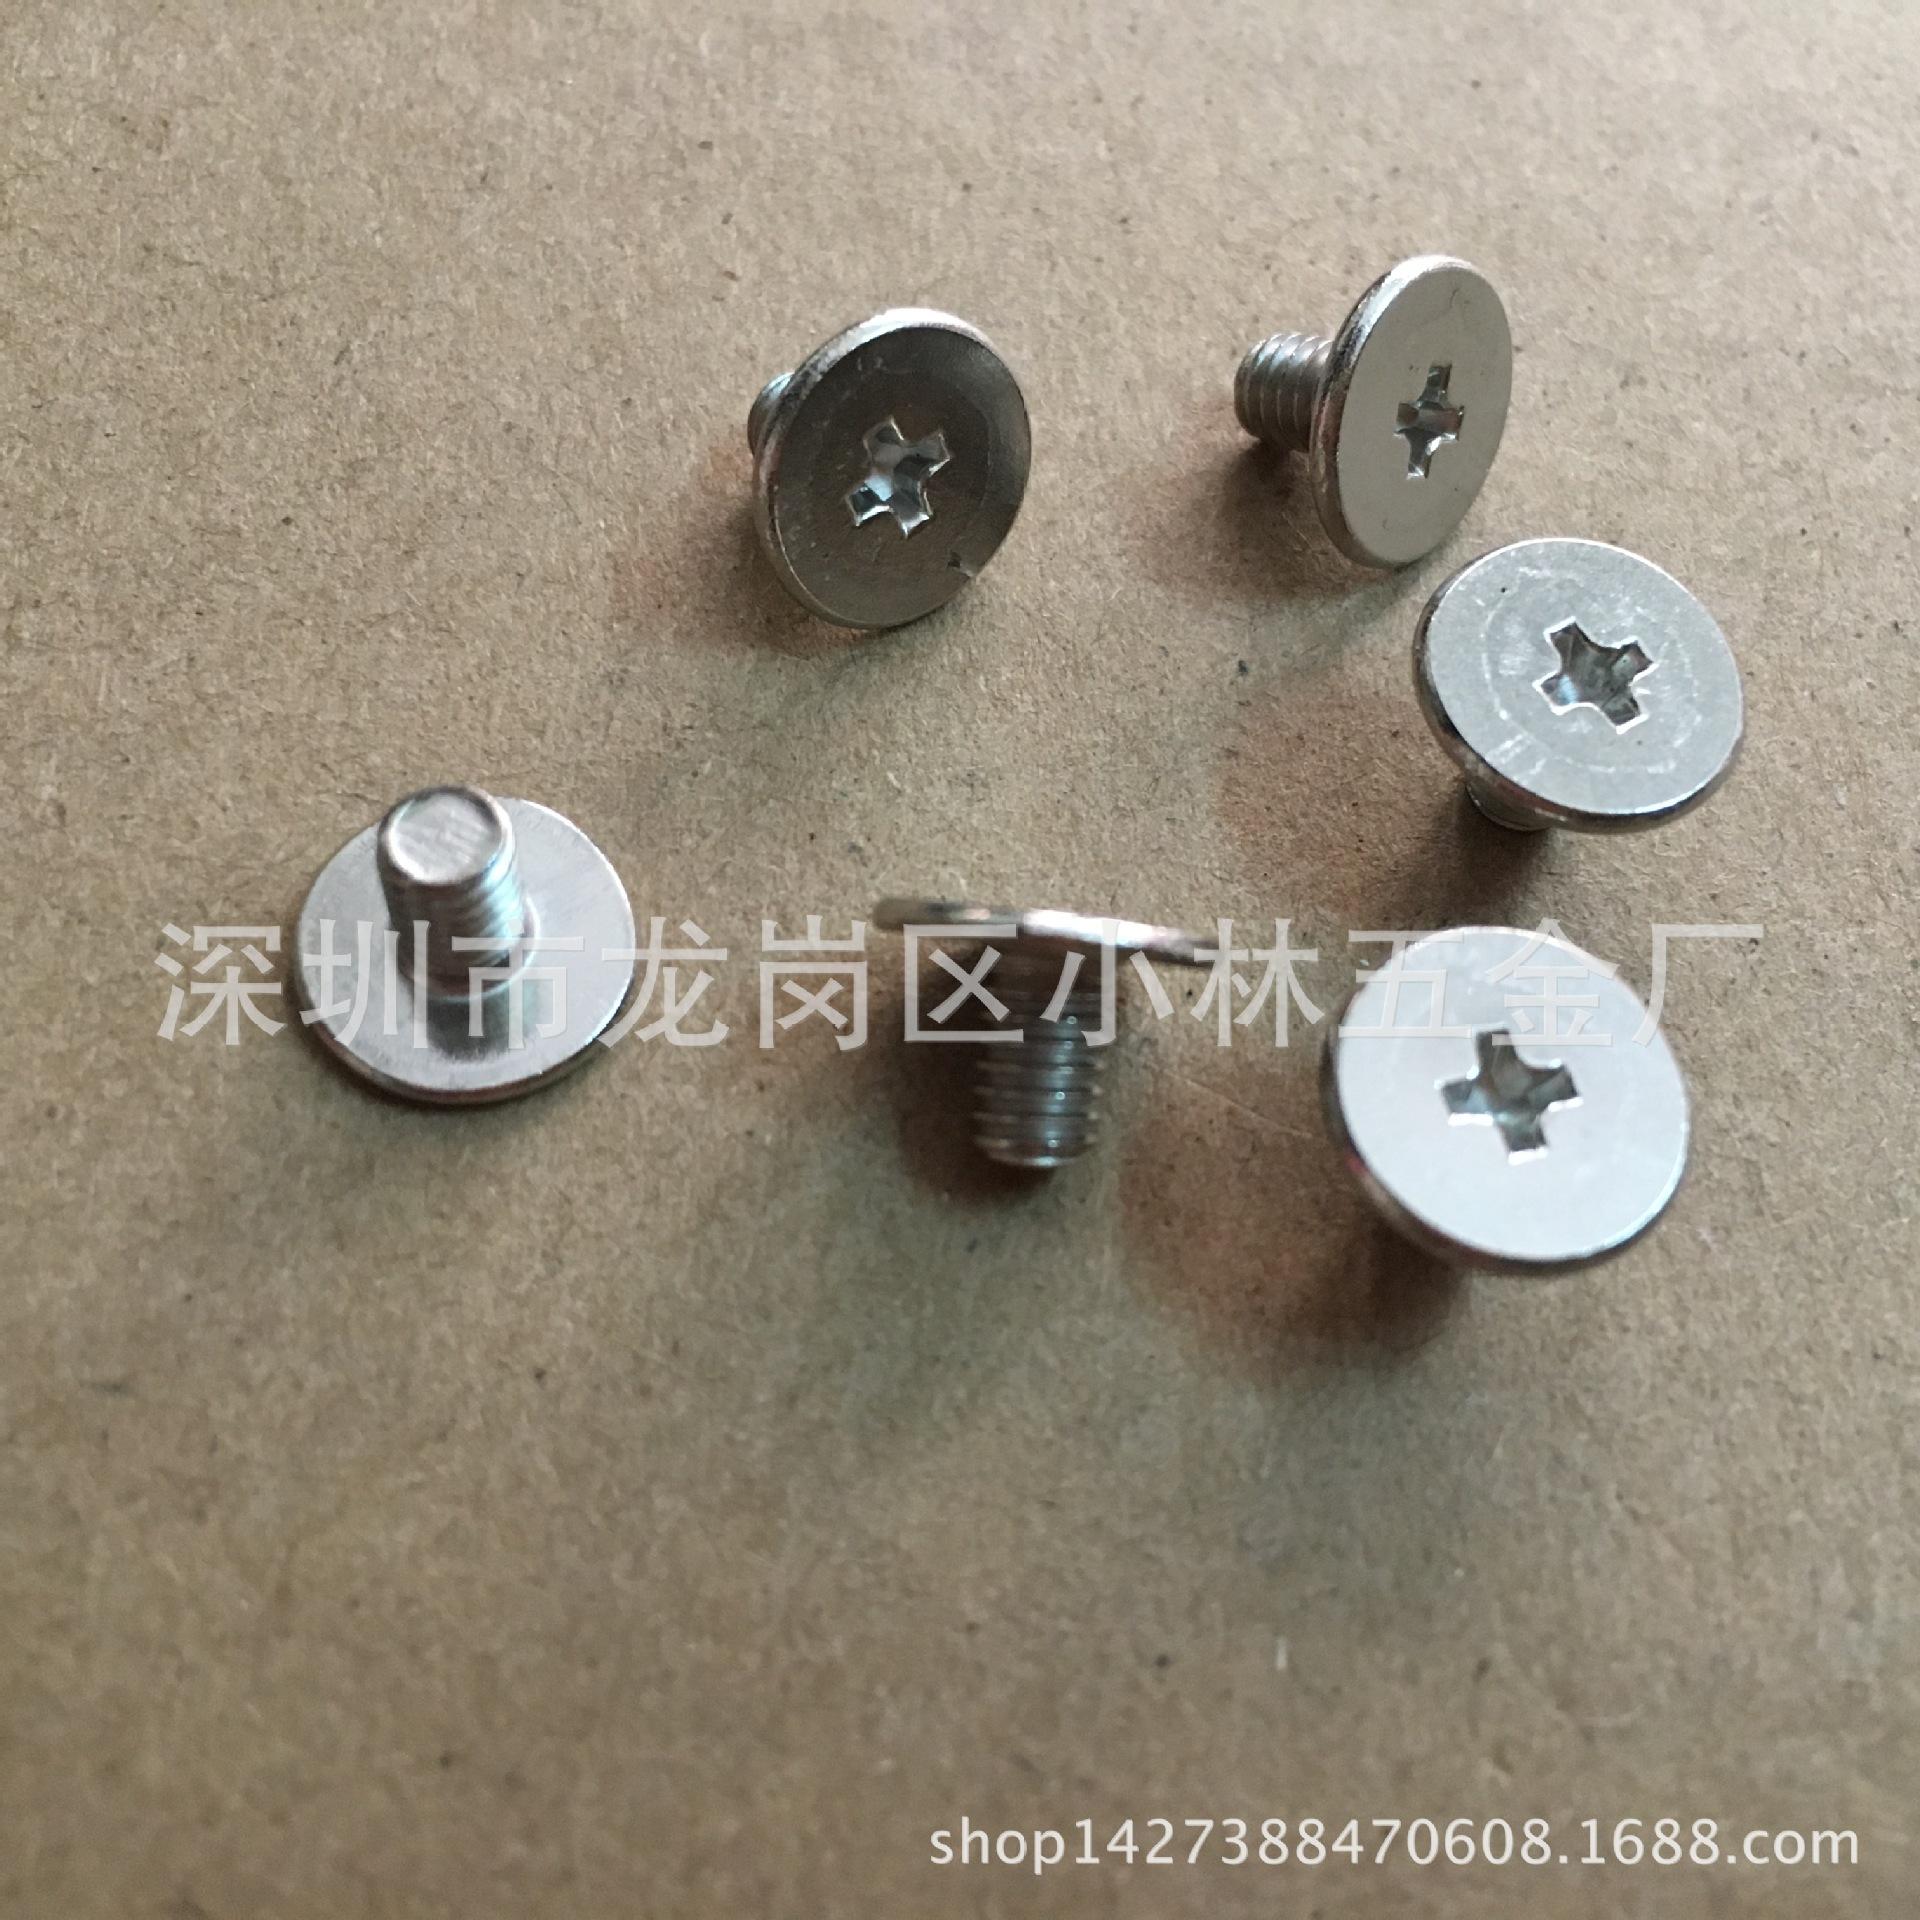 不锈钢C头螺丝2.5*6*6扁平头螺丝 大平头螺丝 十字槽扁平薄头螺钉